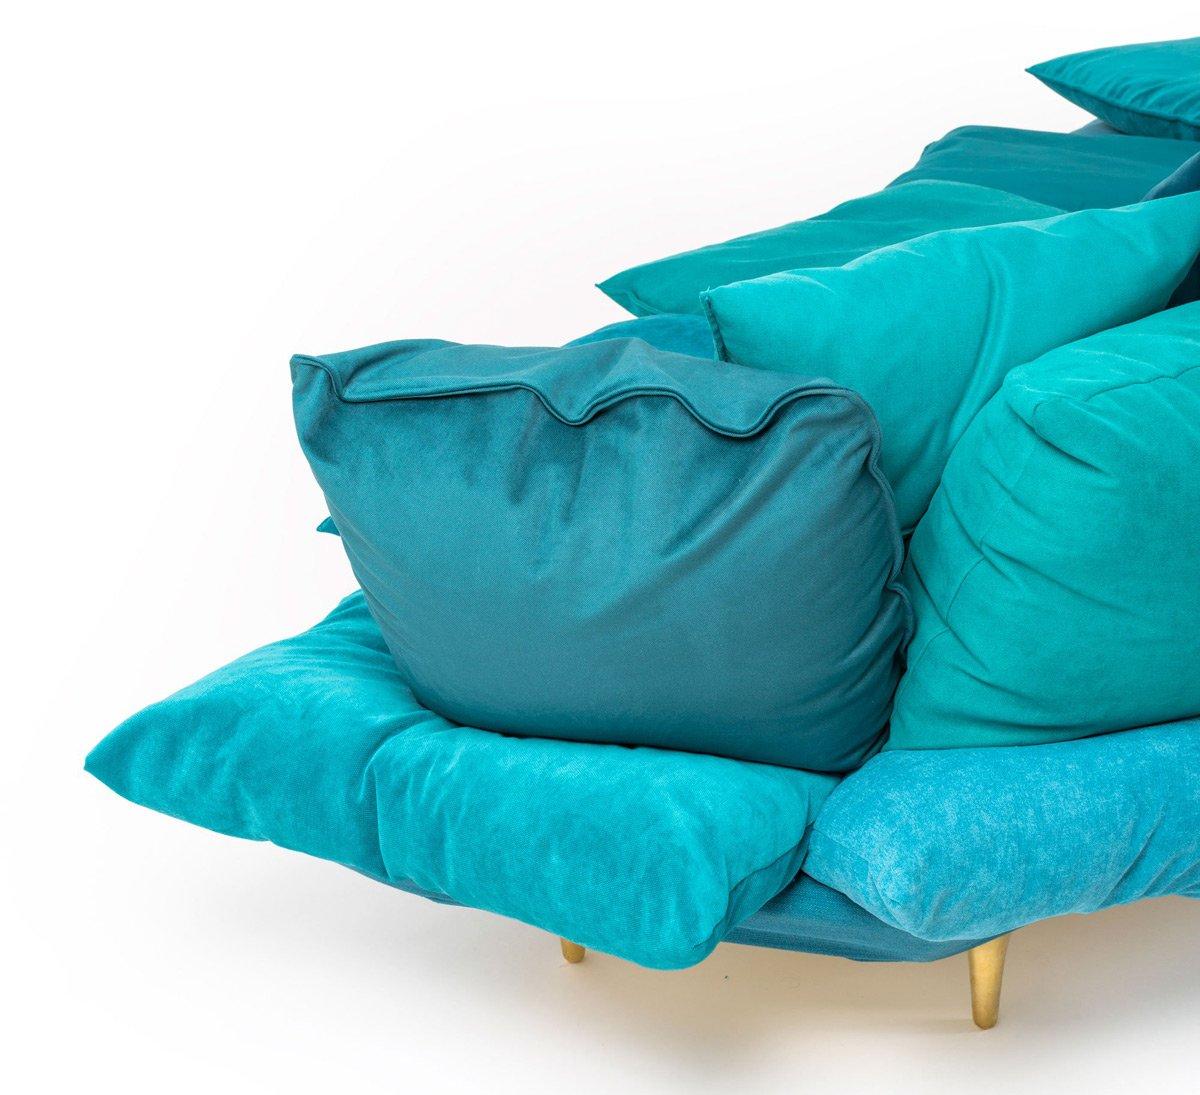 sofa maker bed bekas di bandung made from pillows the green head